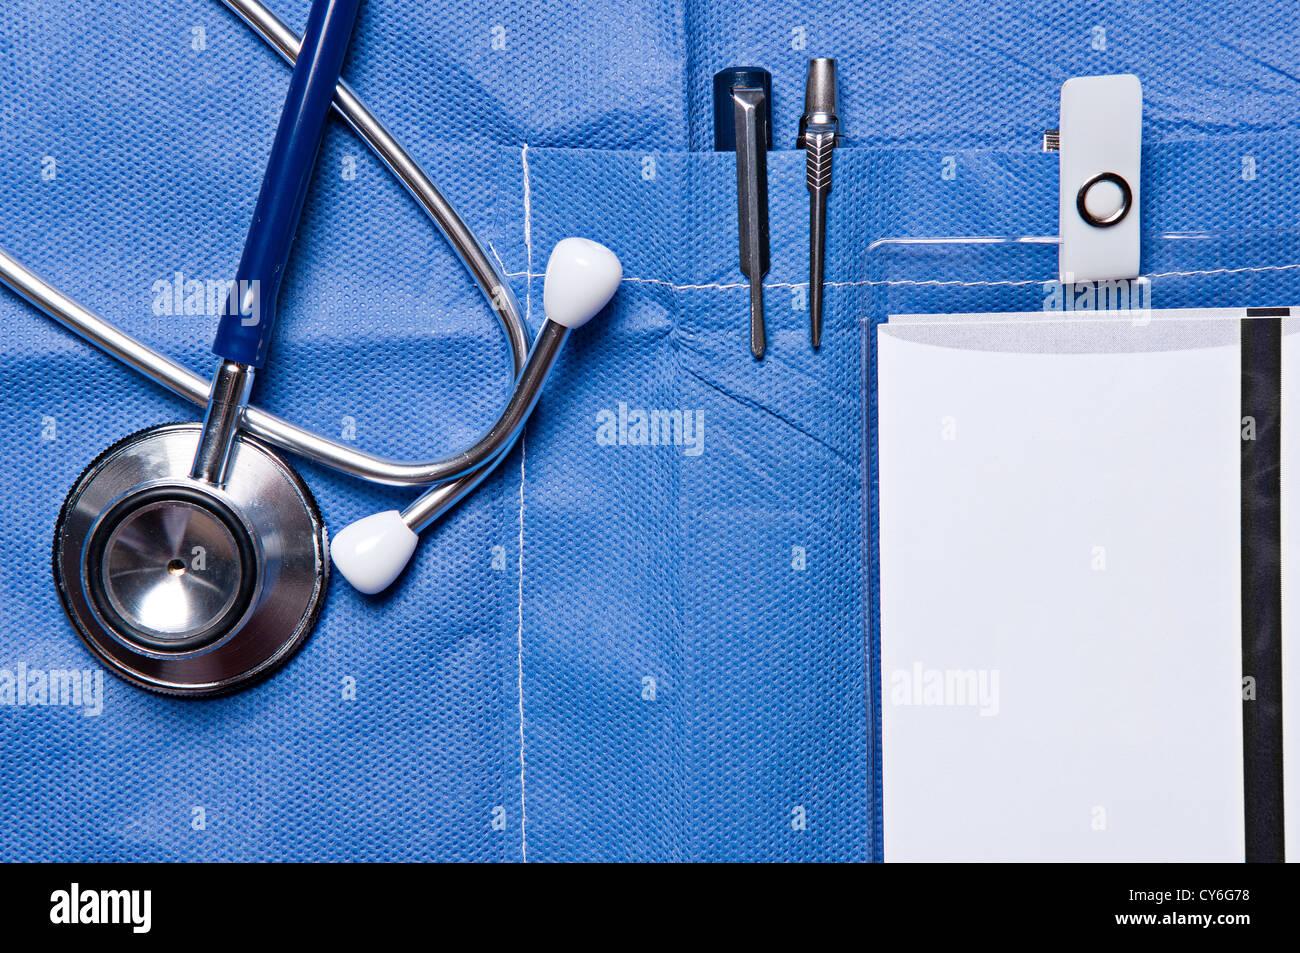 Foto en primer plano de un doctor de bolsillo con plumas, una tarjeta de identificación y un estetoscopio cerca Imagen De Stock